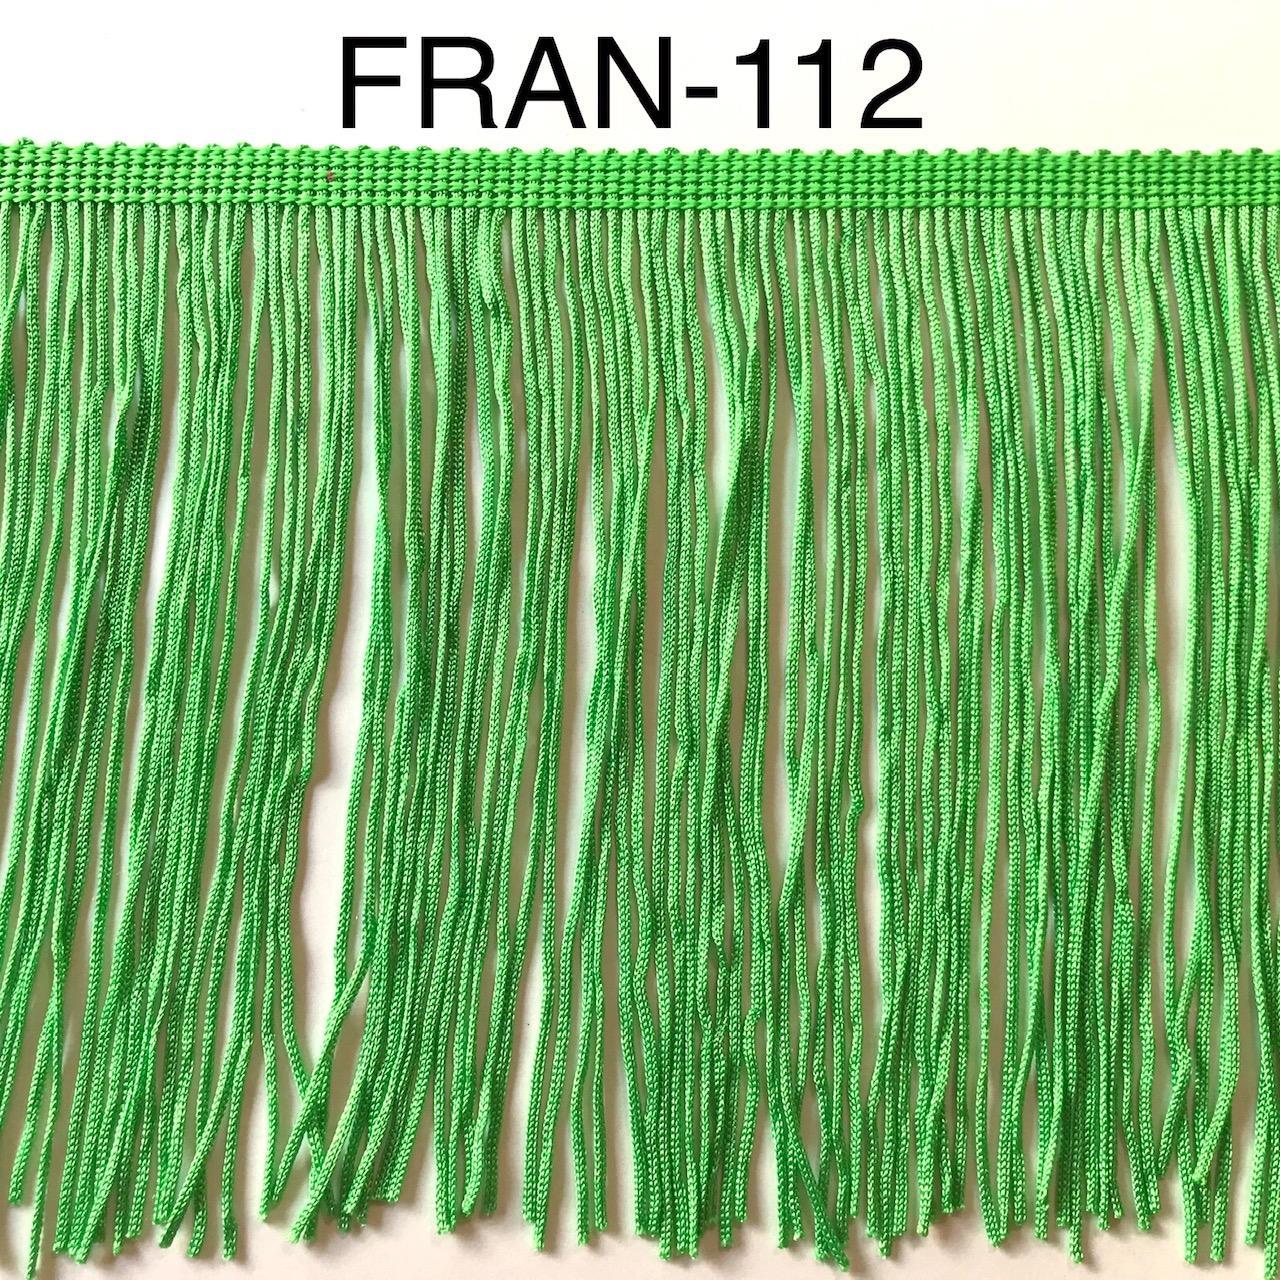 Franges a coudre 15cm 112